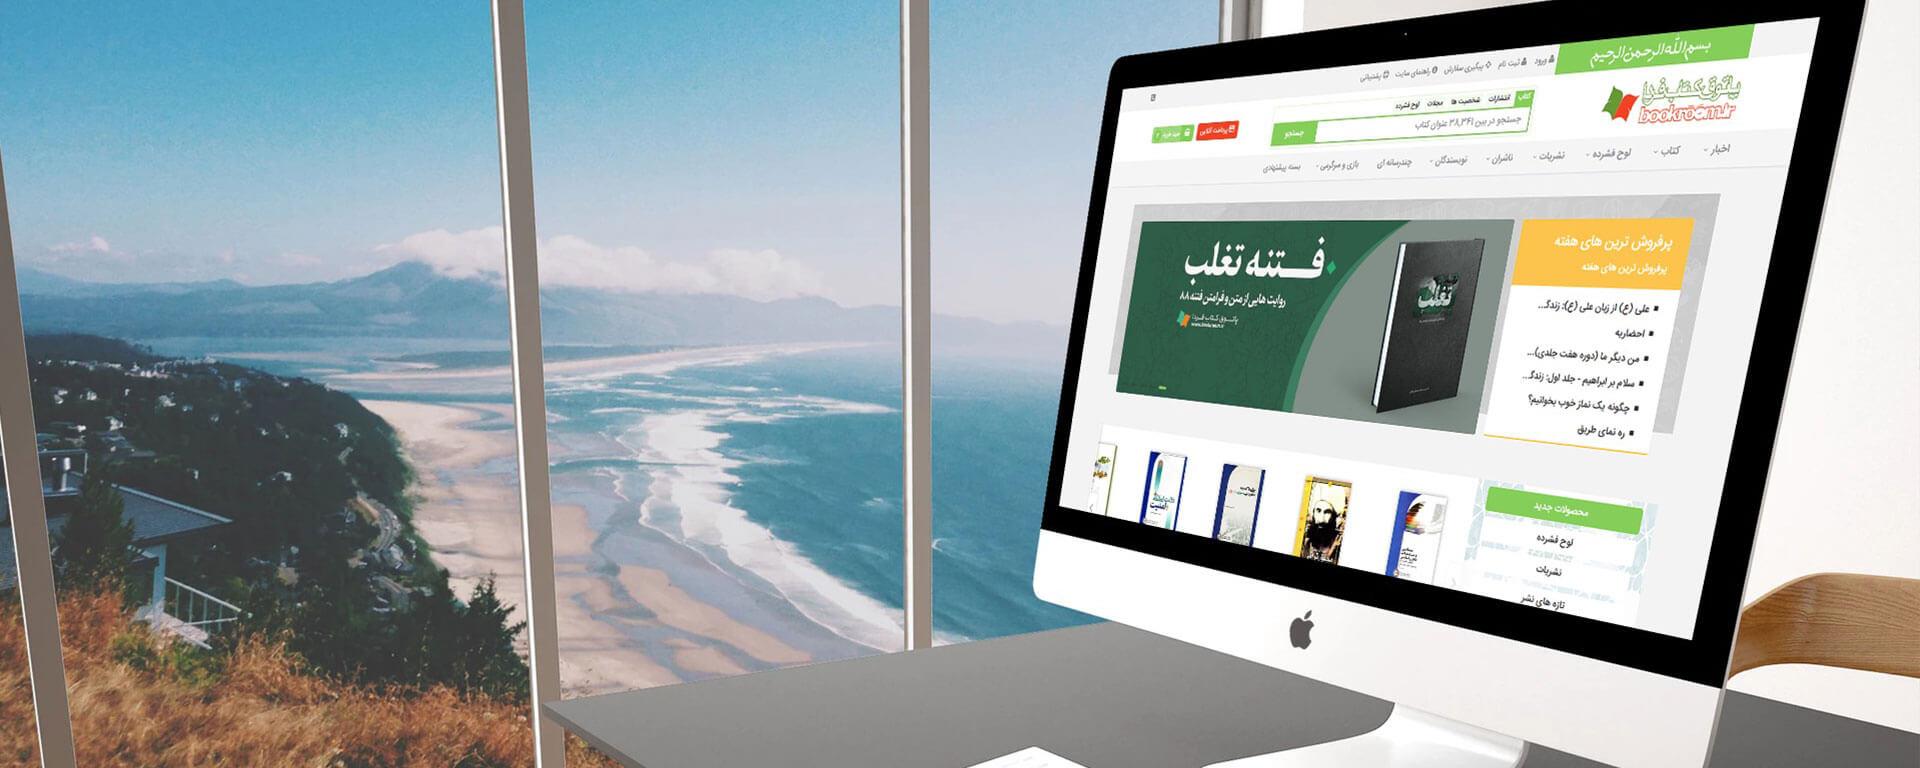 طراحی سایت فروشگاه اینترنتی بوک روم